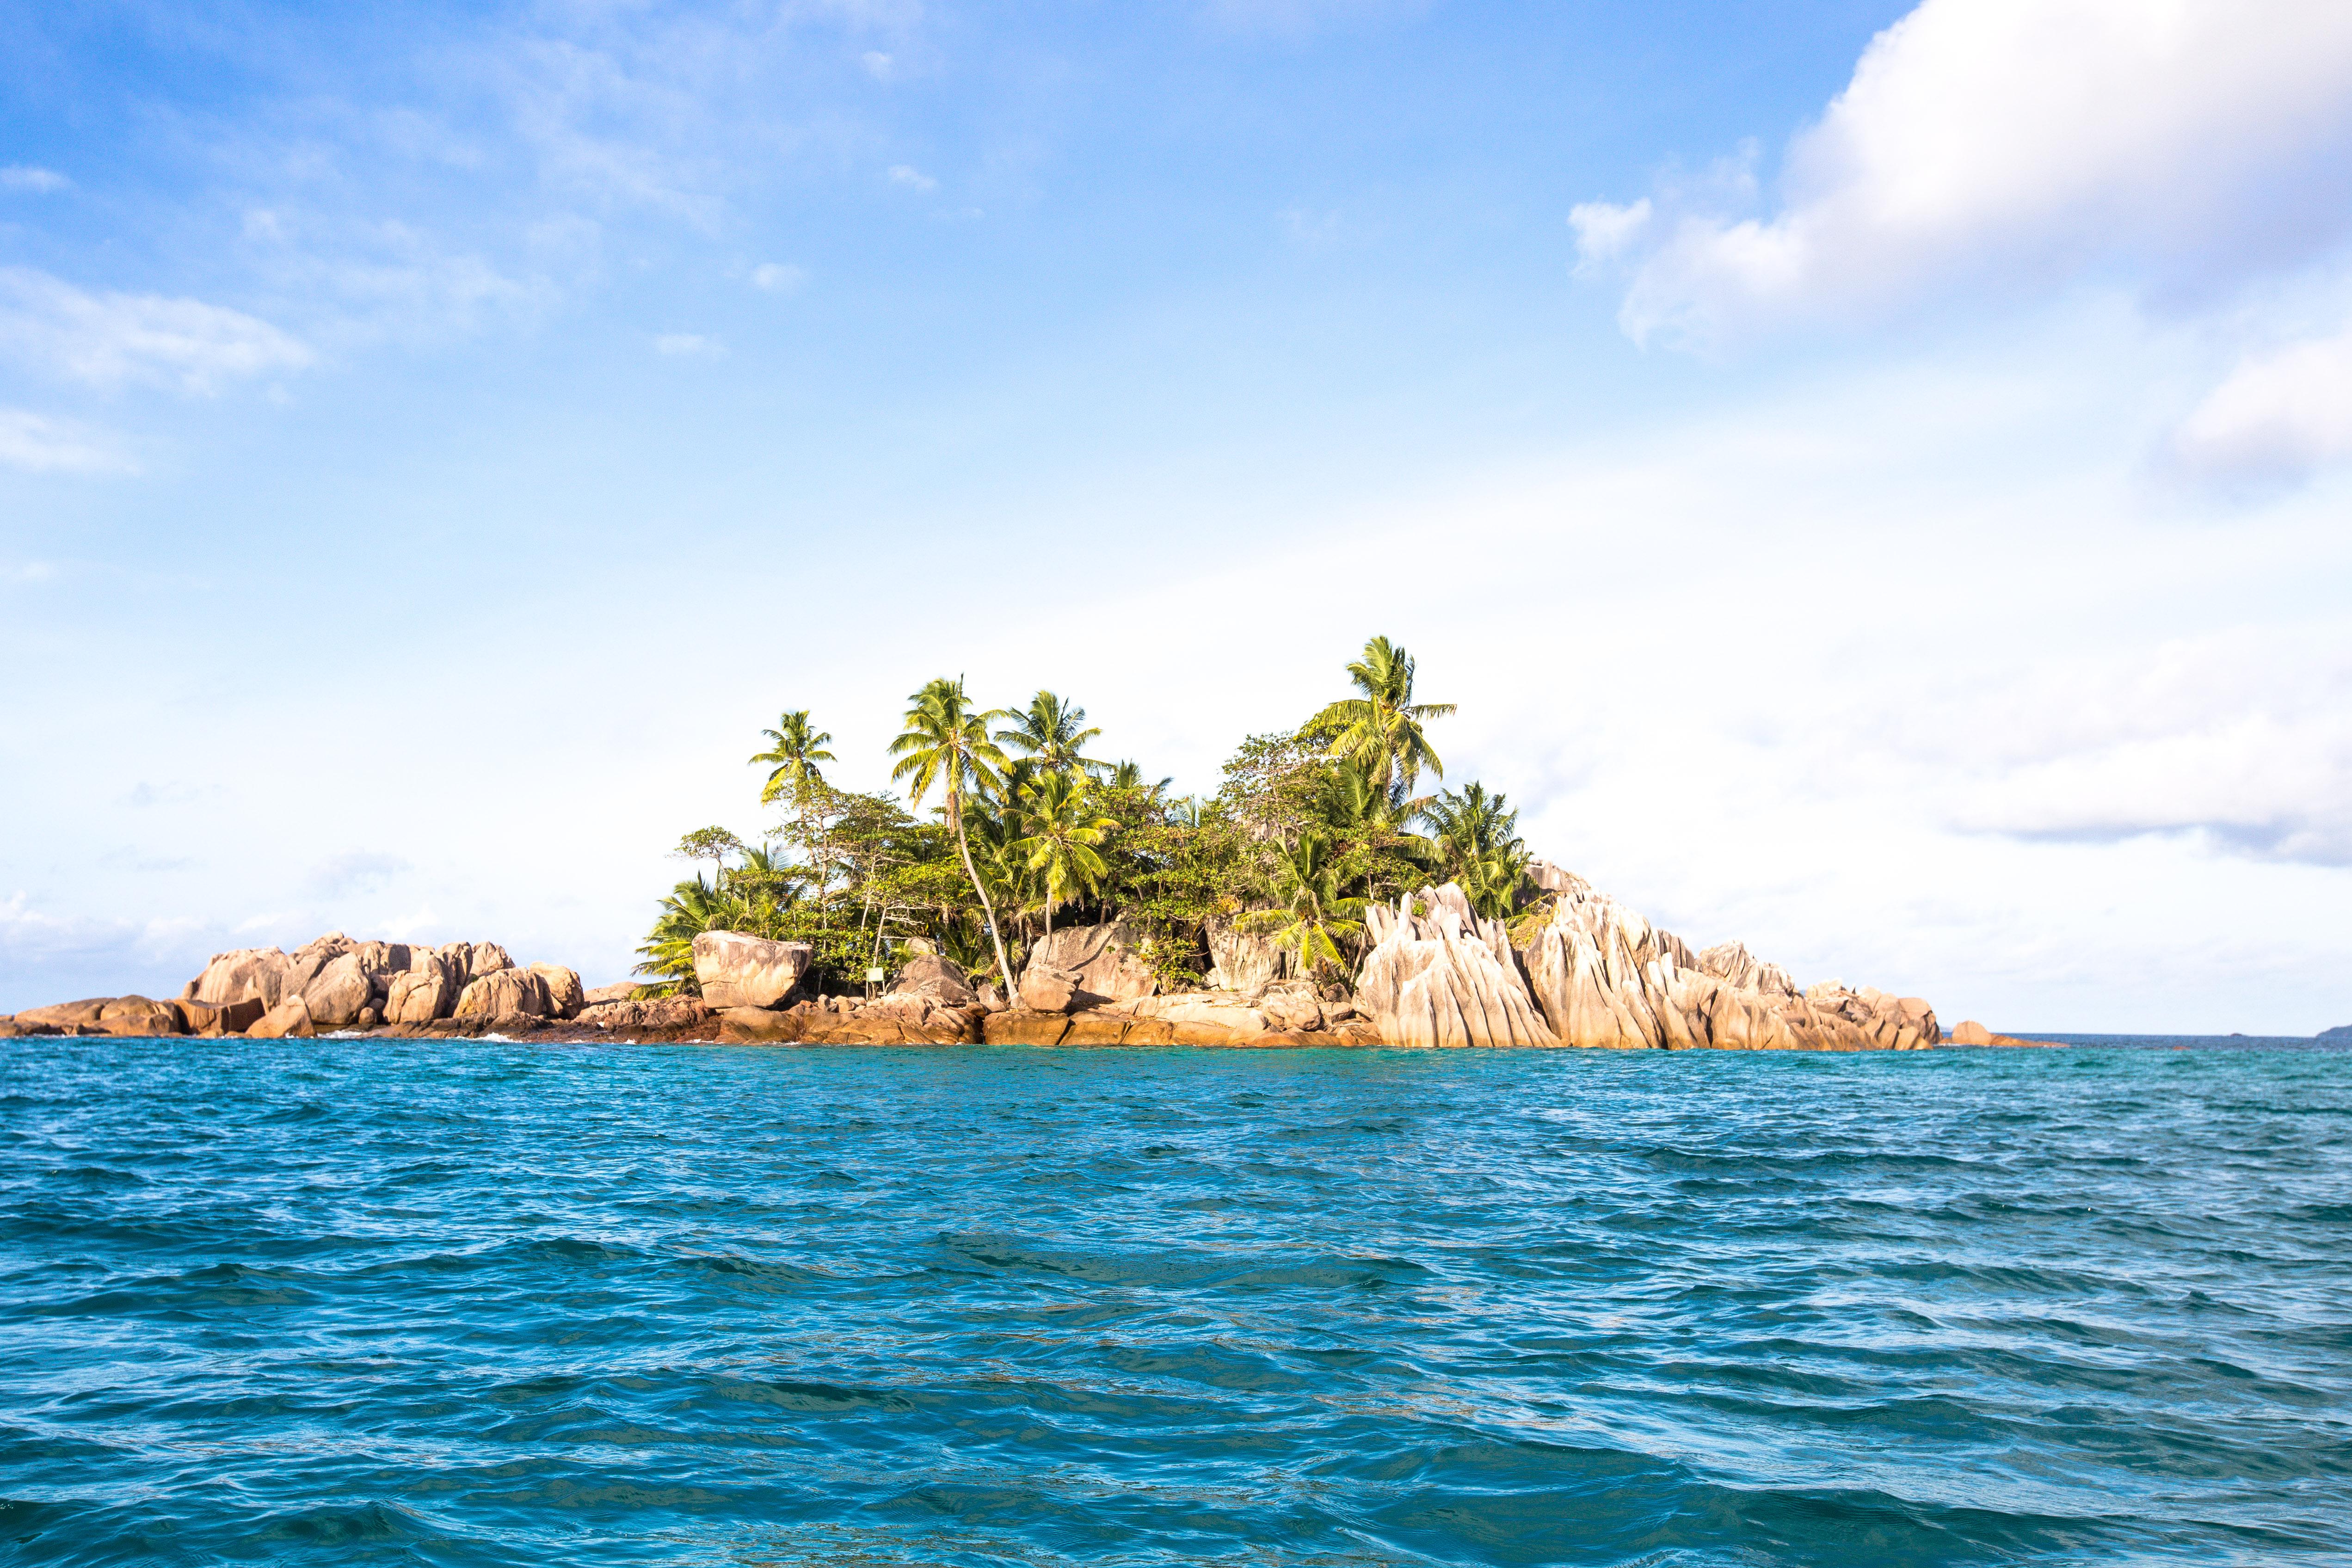 Seychellen wie viele Inseln, wie lange auf welcher Insel